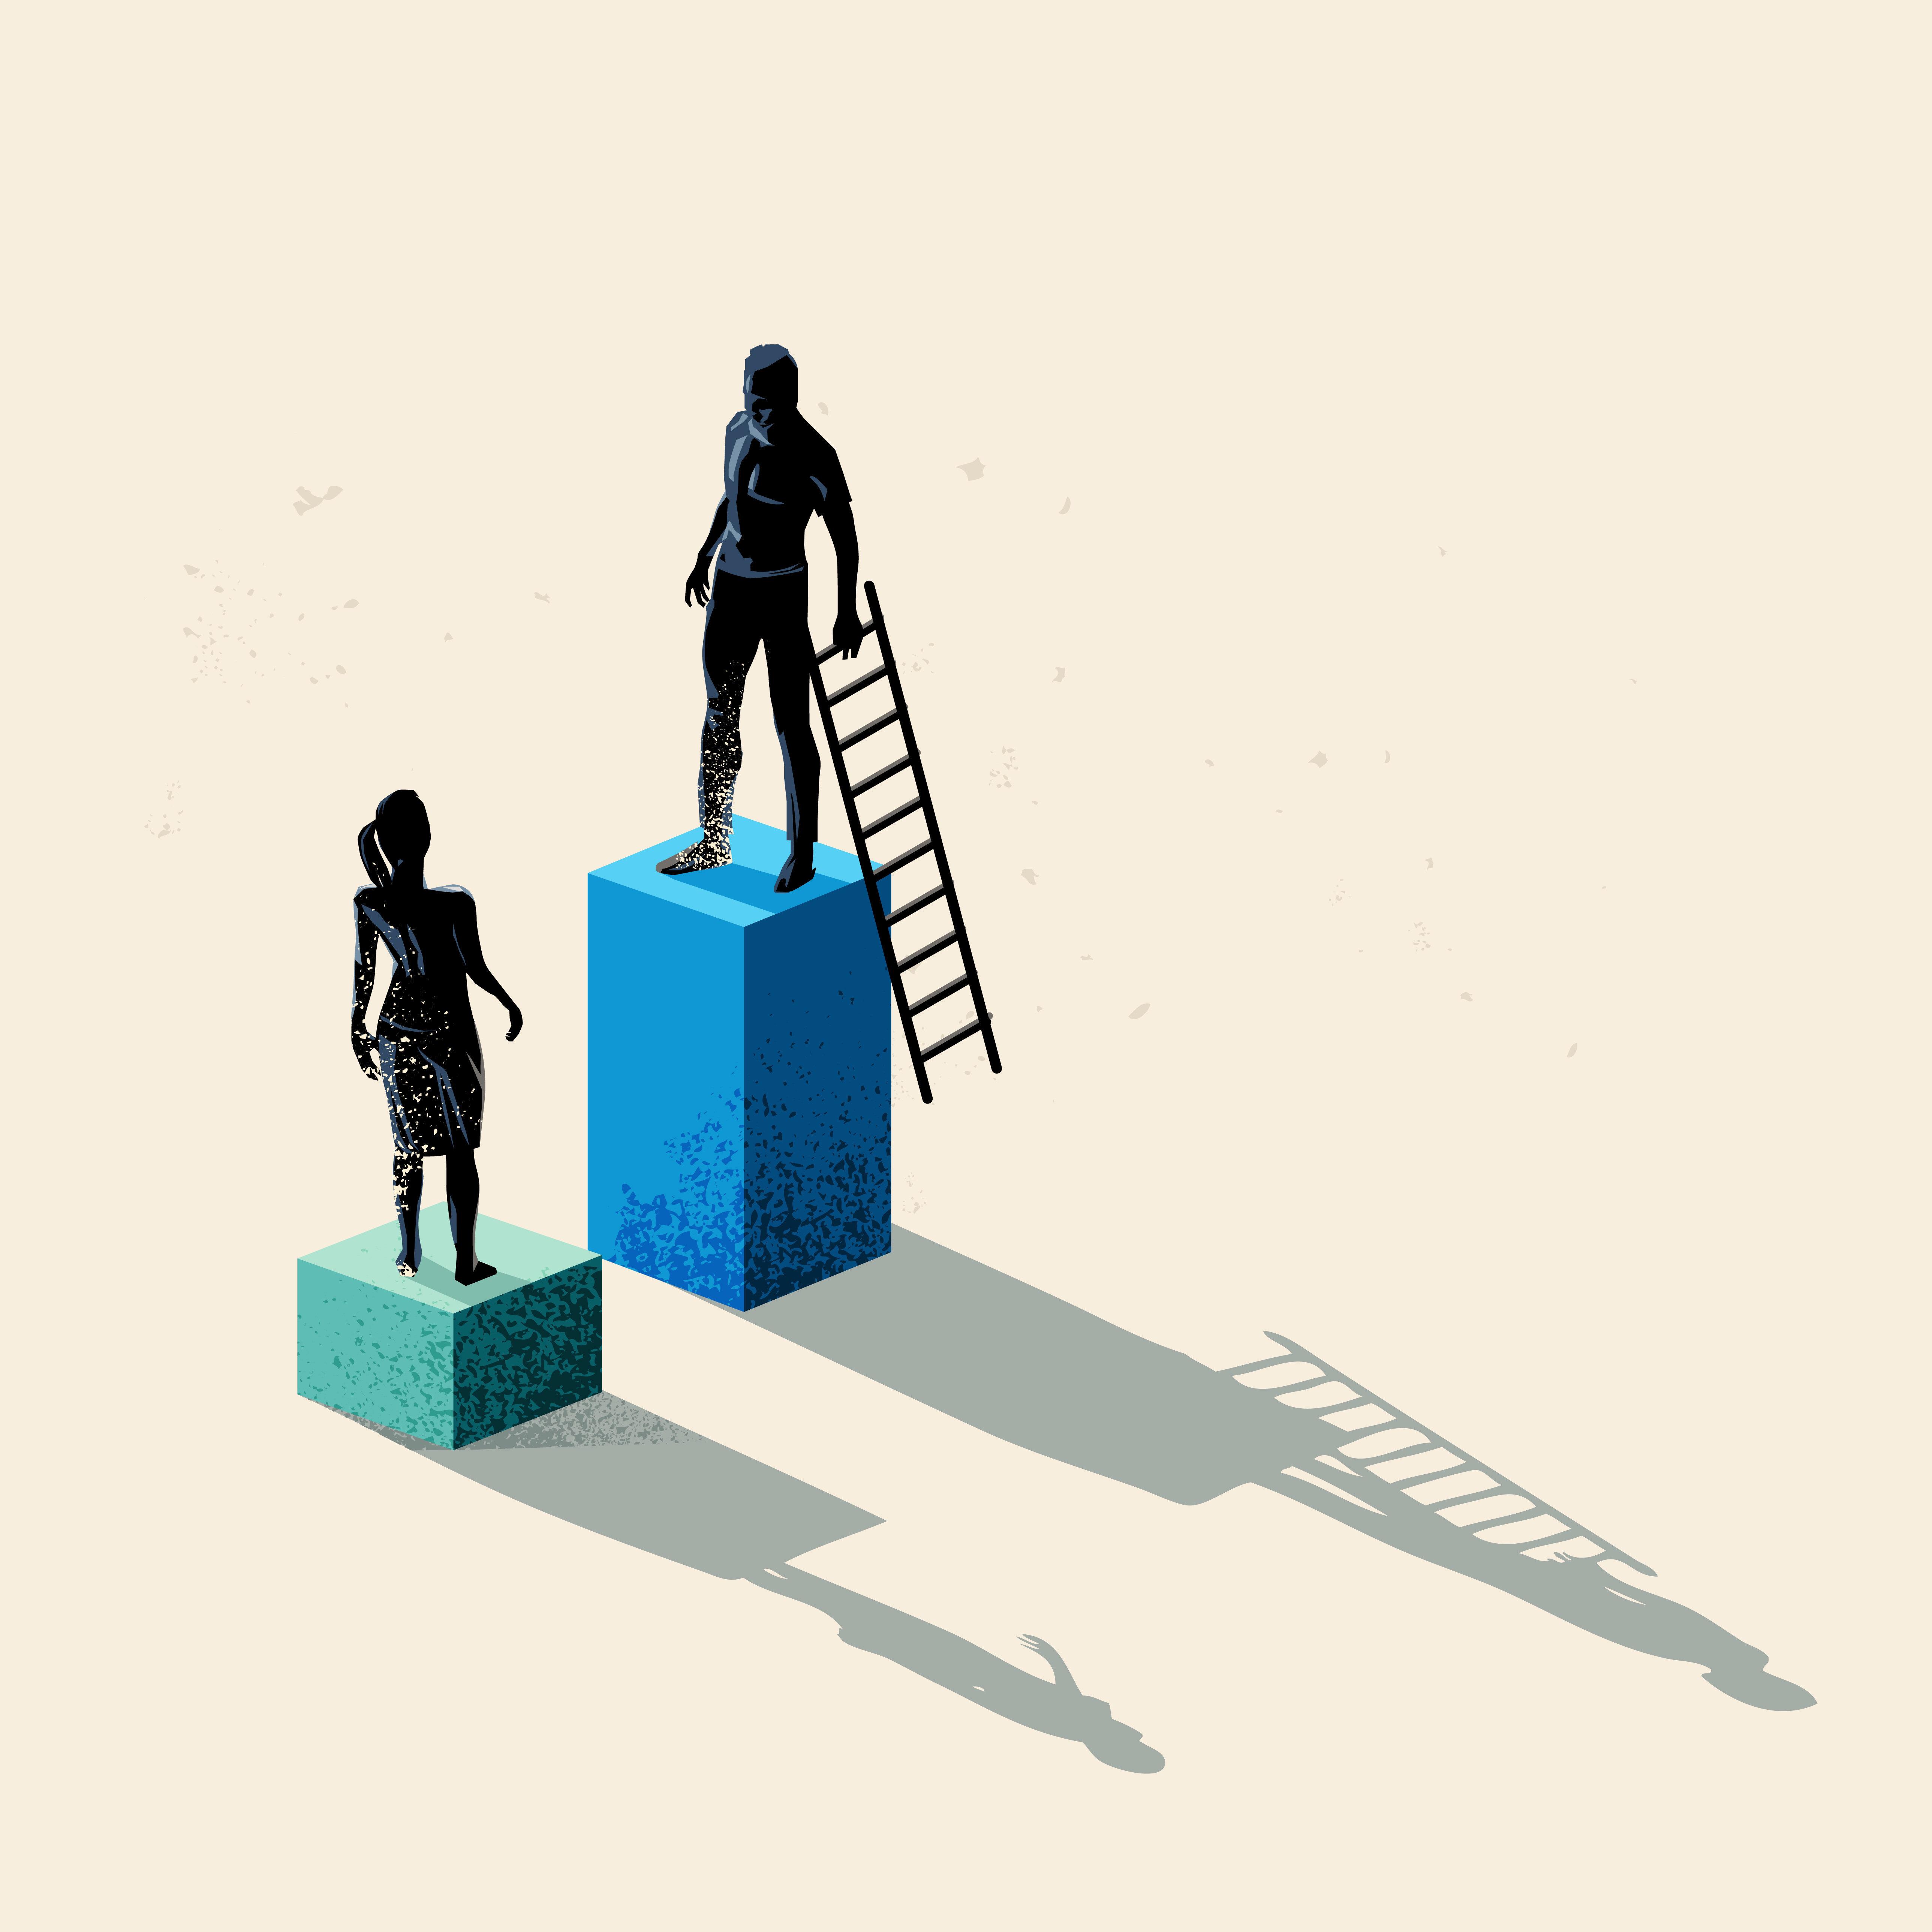 Empresas com salários diferentes para homens e mulheres pagarão